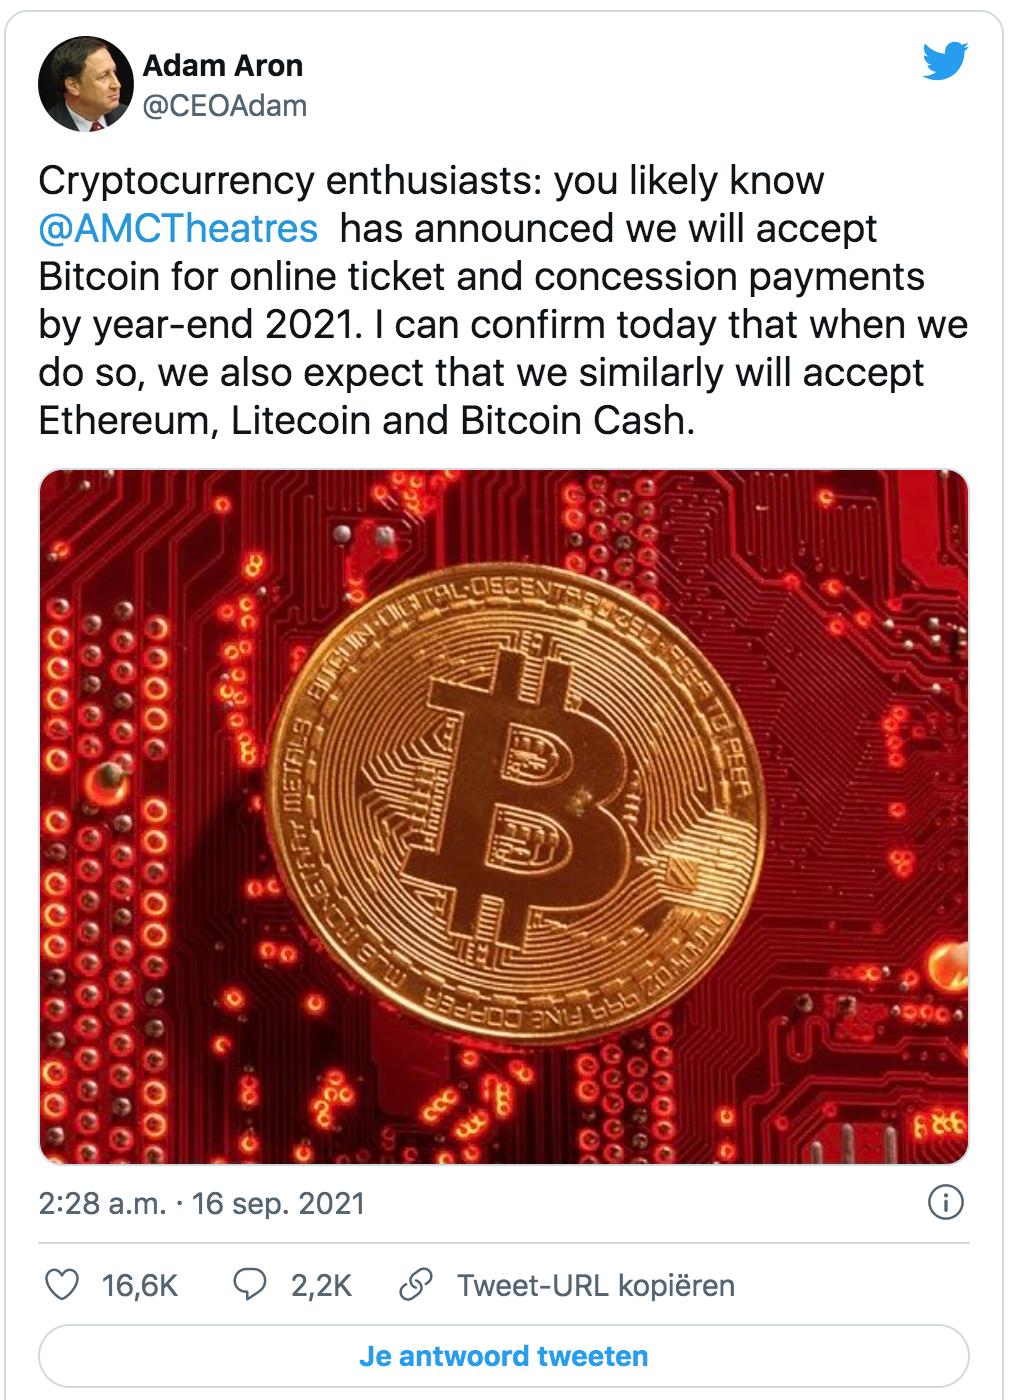 Amc theatres cryptobetalingen